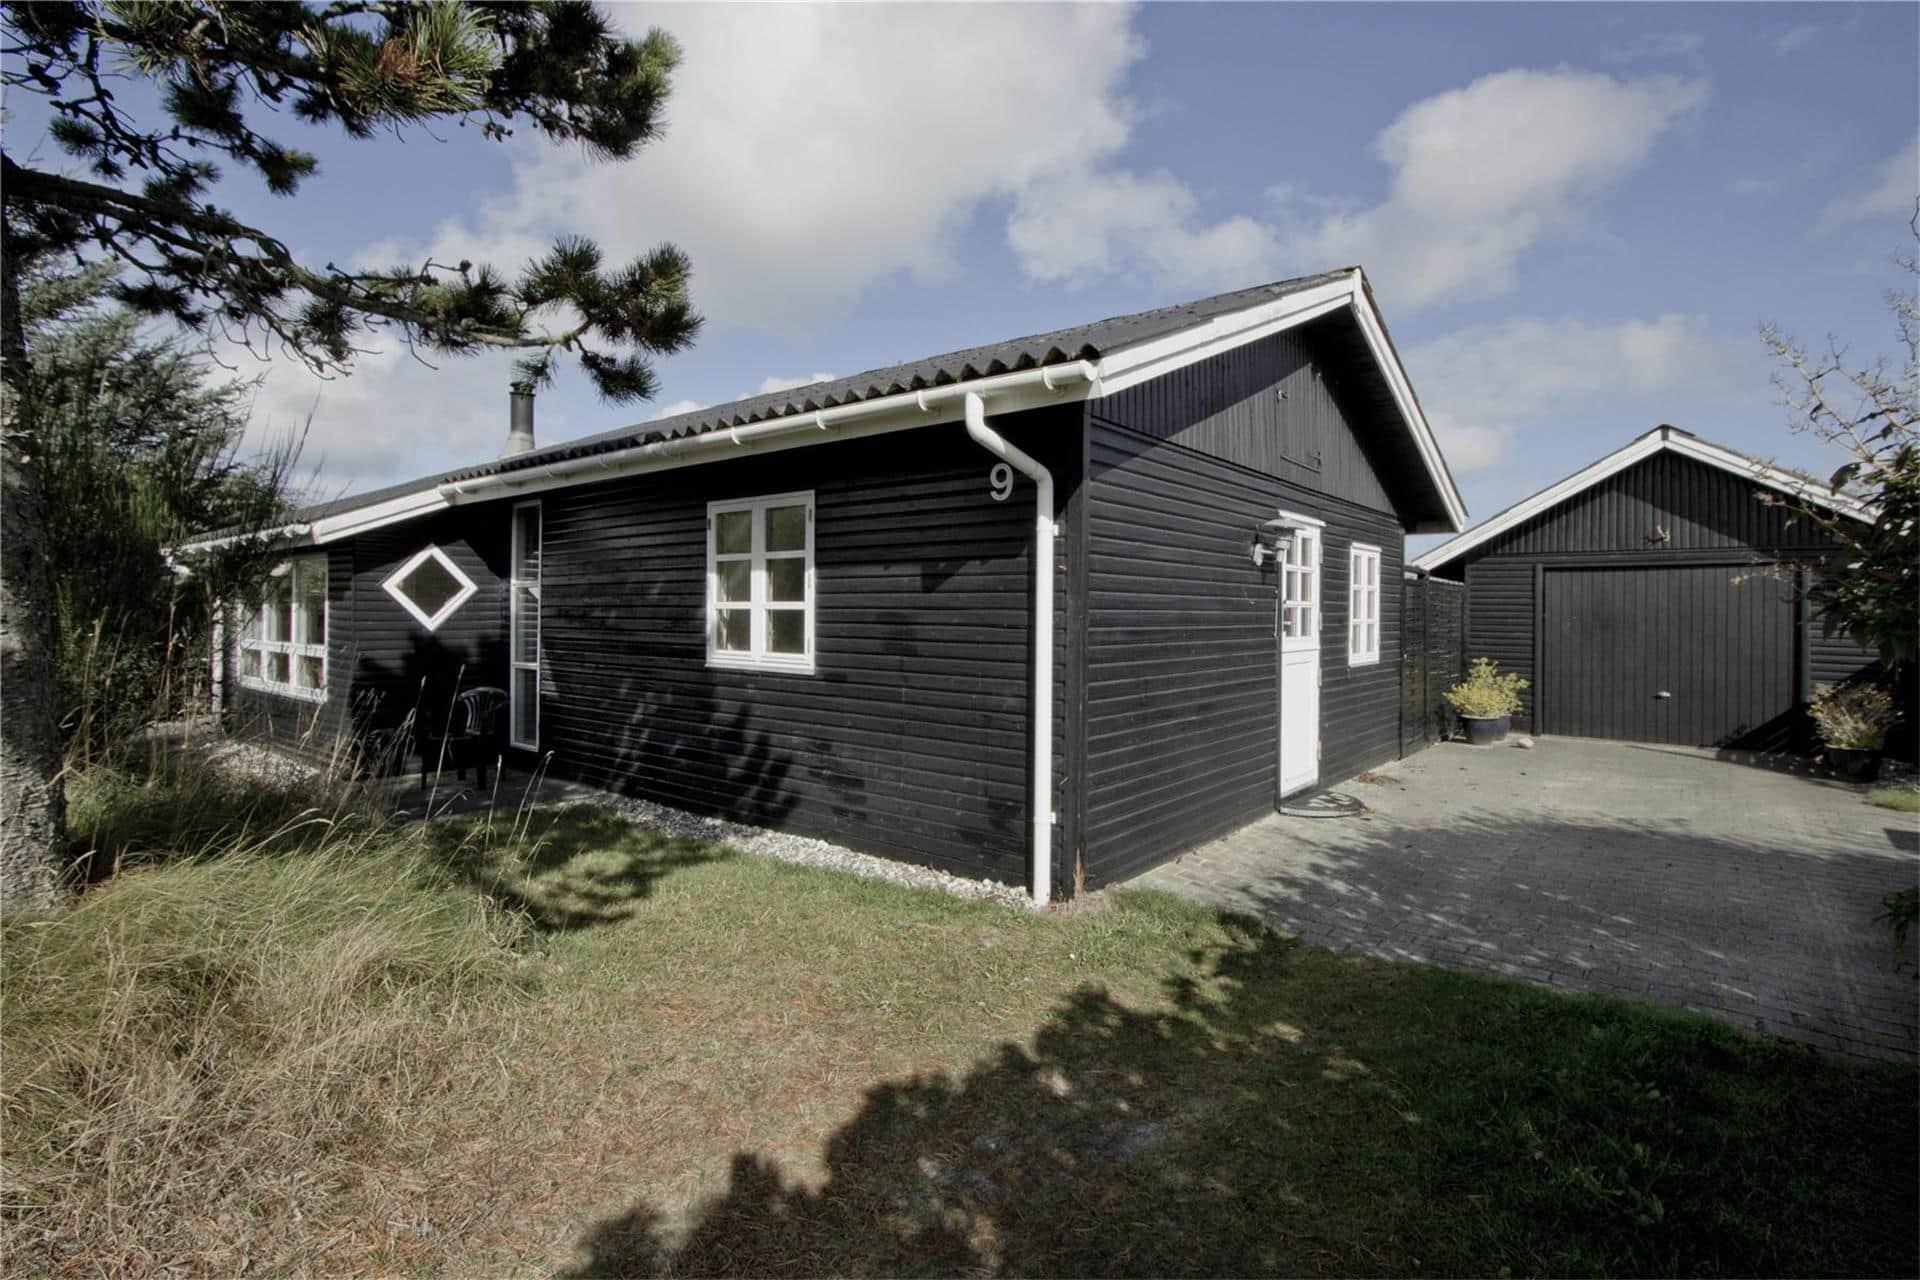 Billede 1-14 Sommerhus 220, Bakkevænget 9, DK - 9492 Blokhus